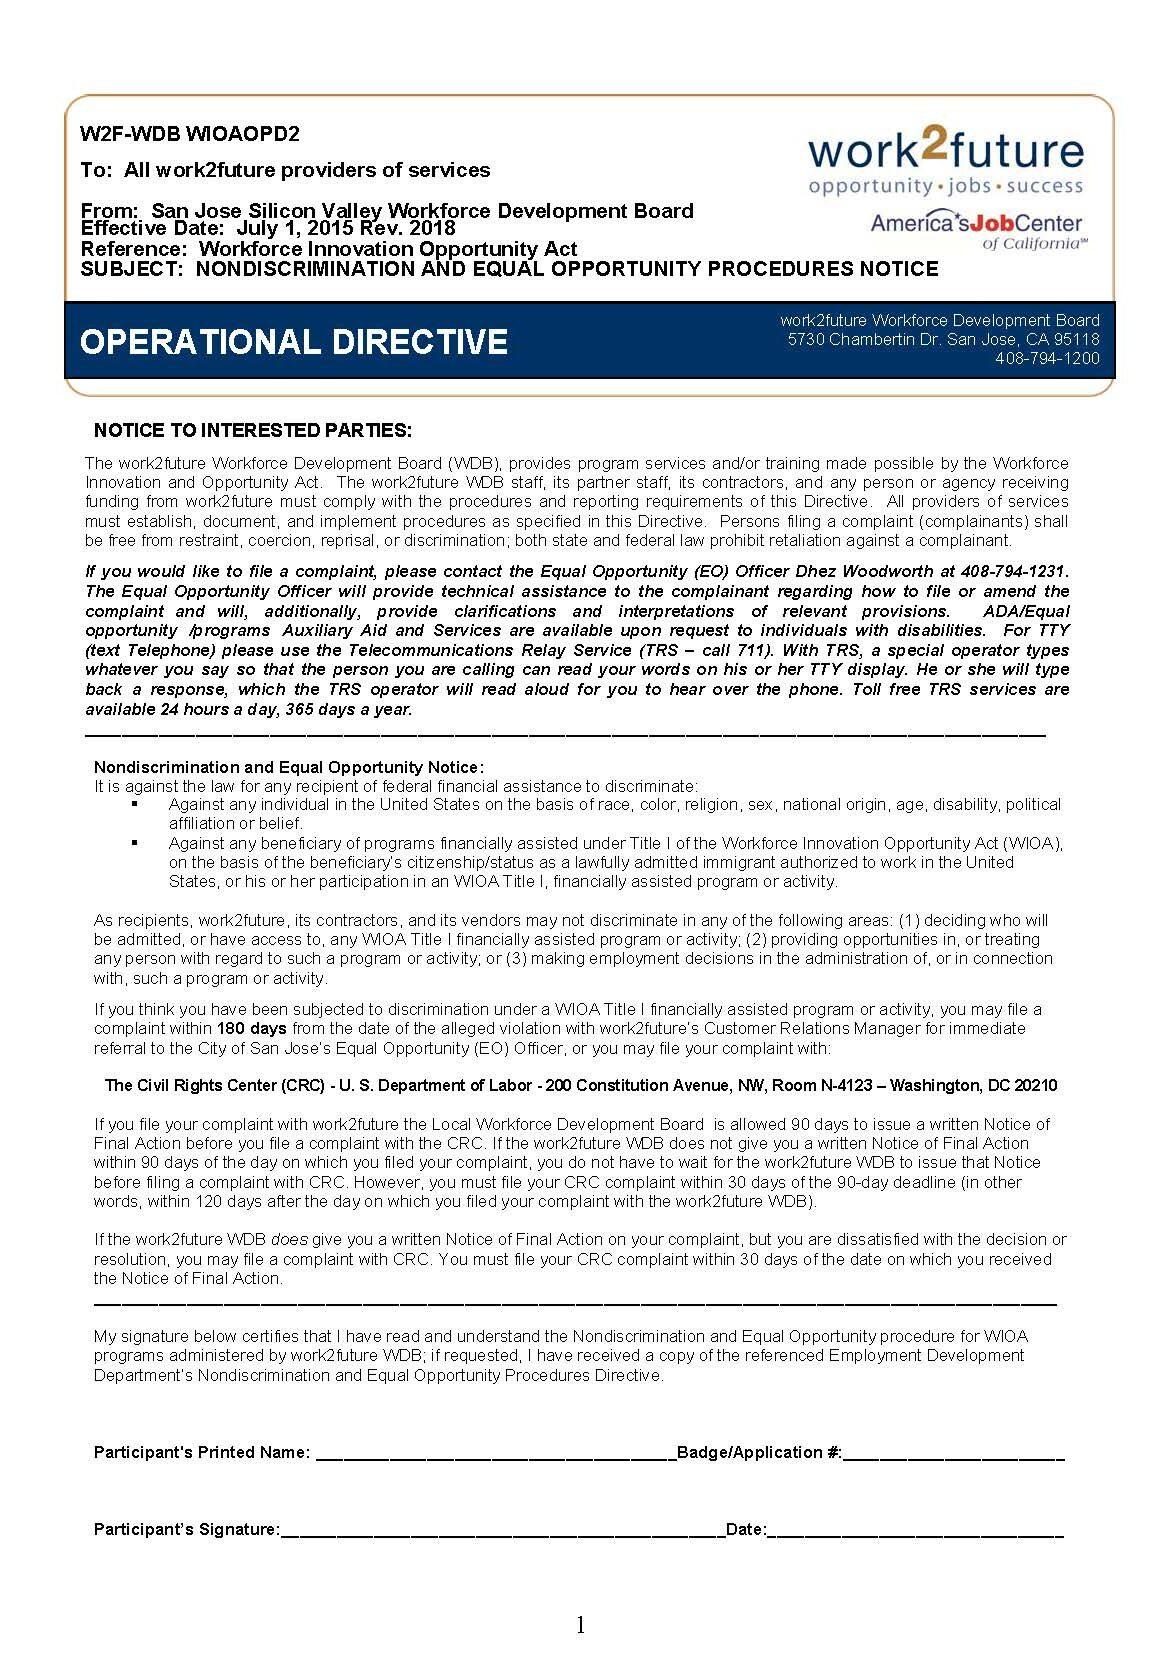 Thủ tục | Không phân biệt đối xử + EO [rev 2018]